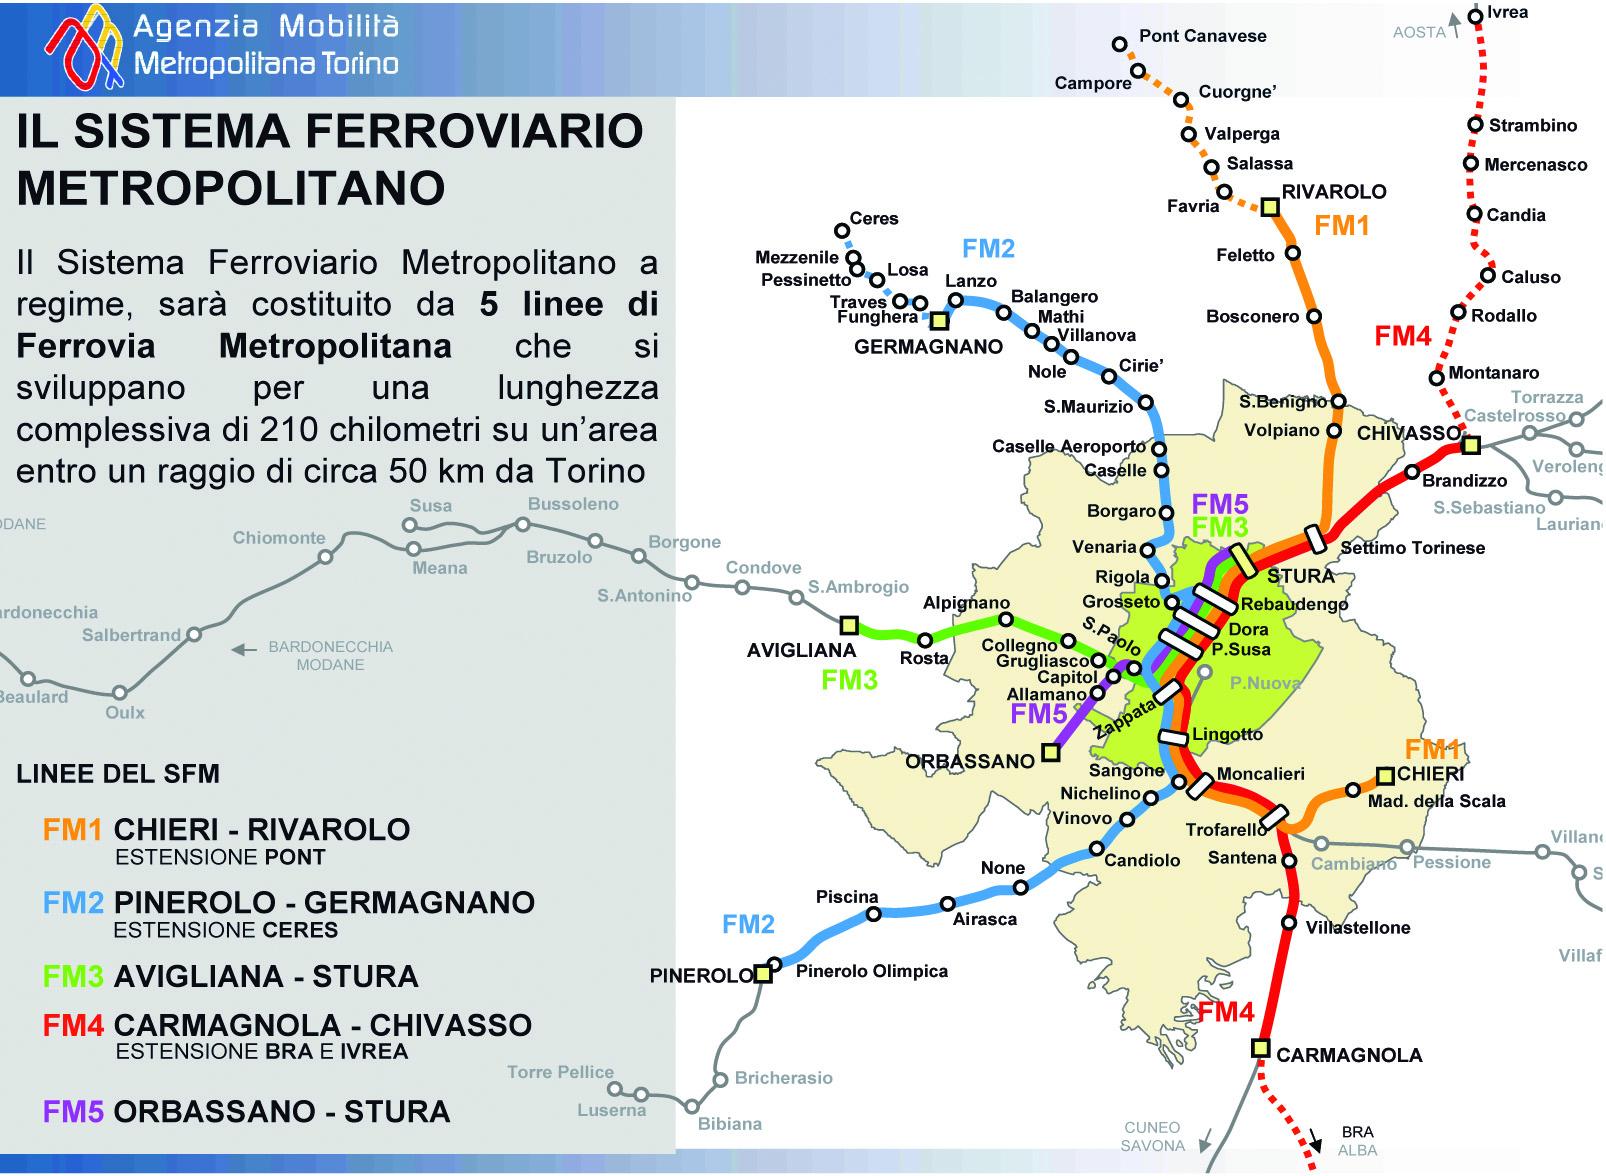 Il sistema ferroviario metropolitano di Torino (clicca per ingrandire)